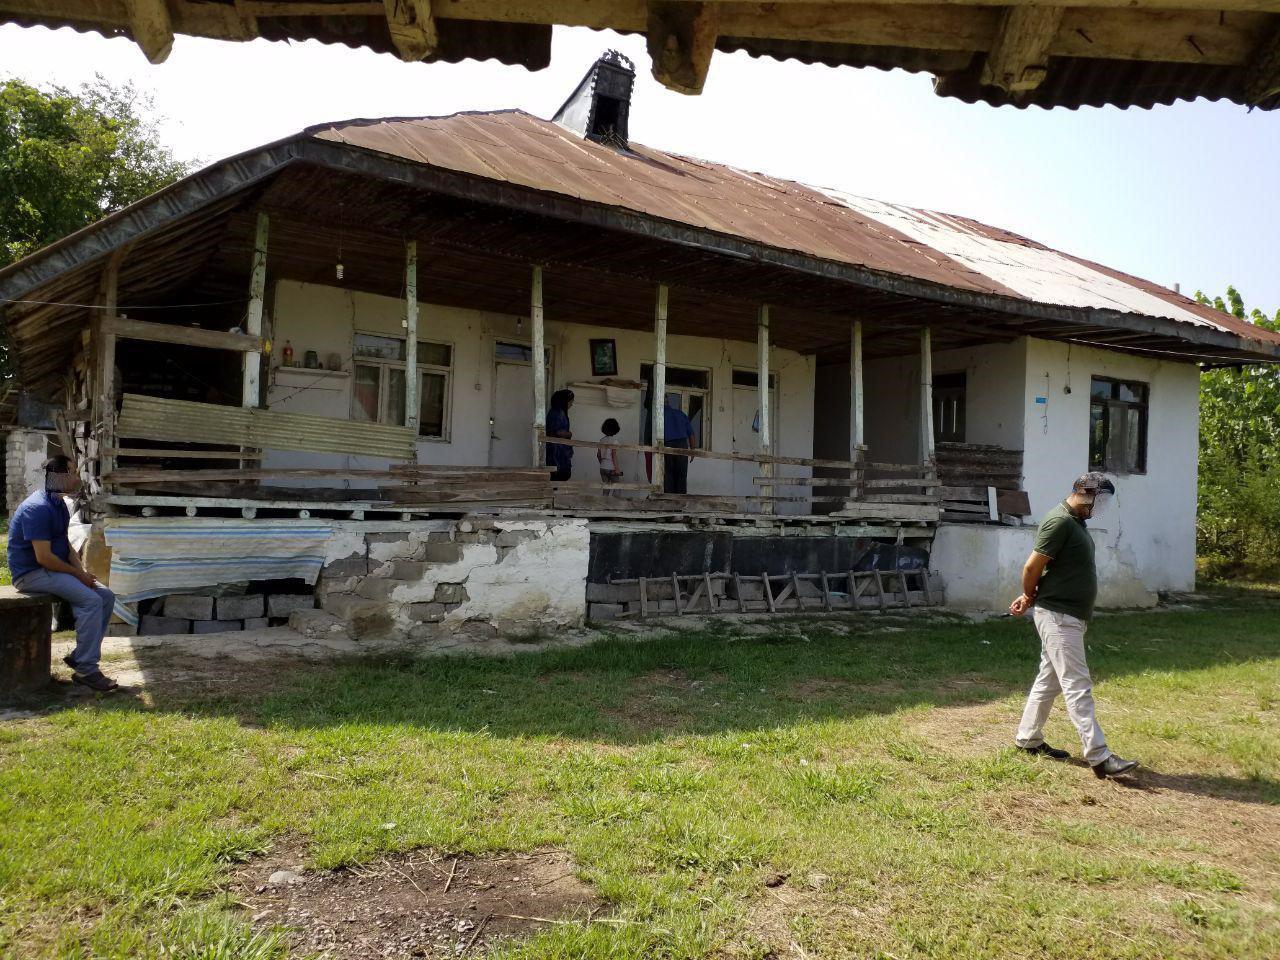 فروش خانه روستایی با زمین 3000 متری سیاهکل